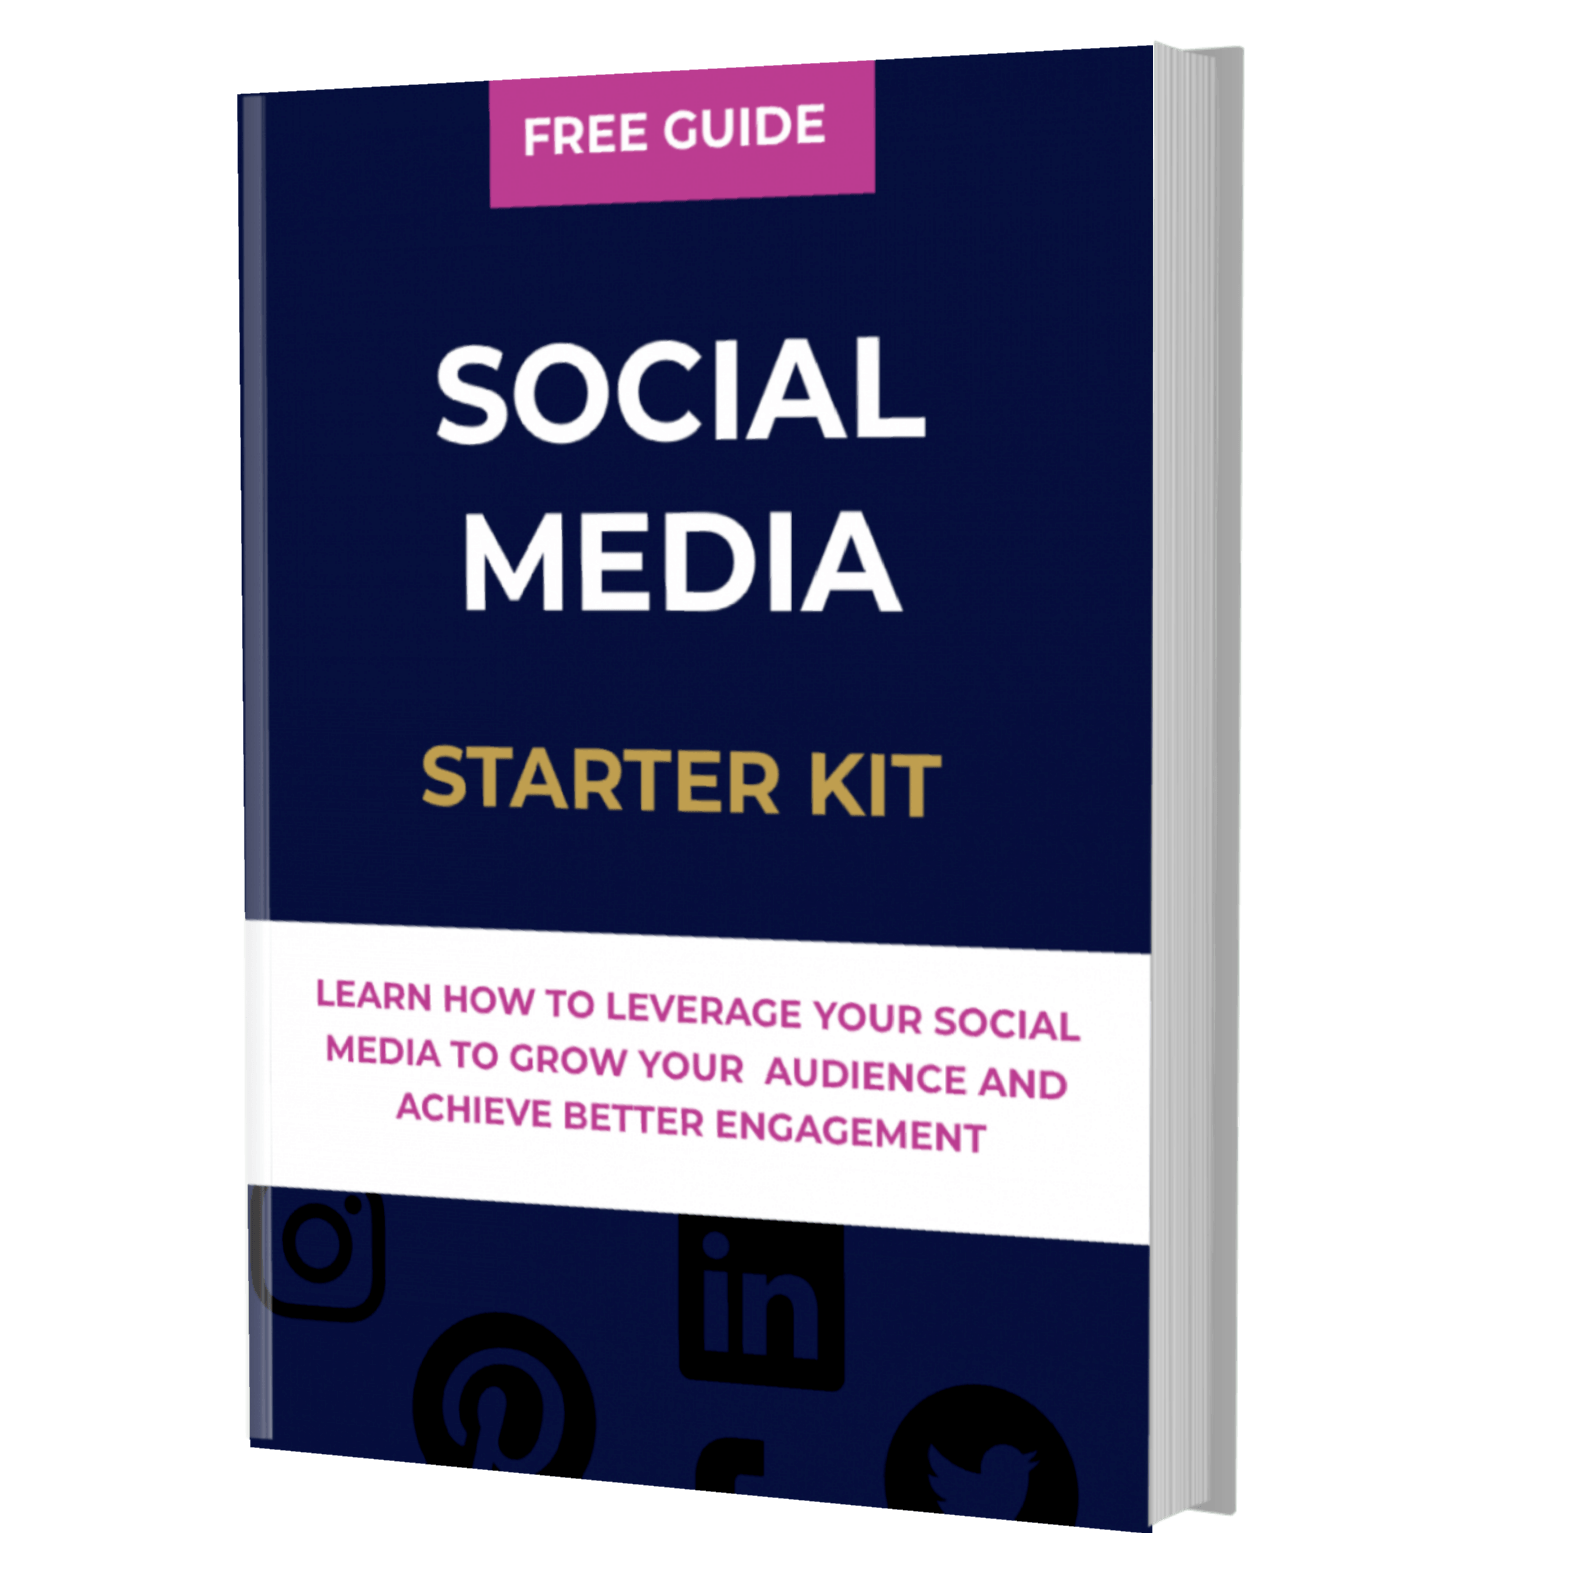 Social Media Starter Kit Image